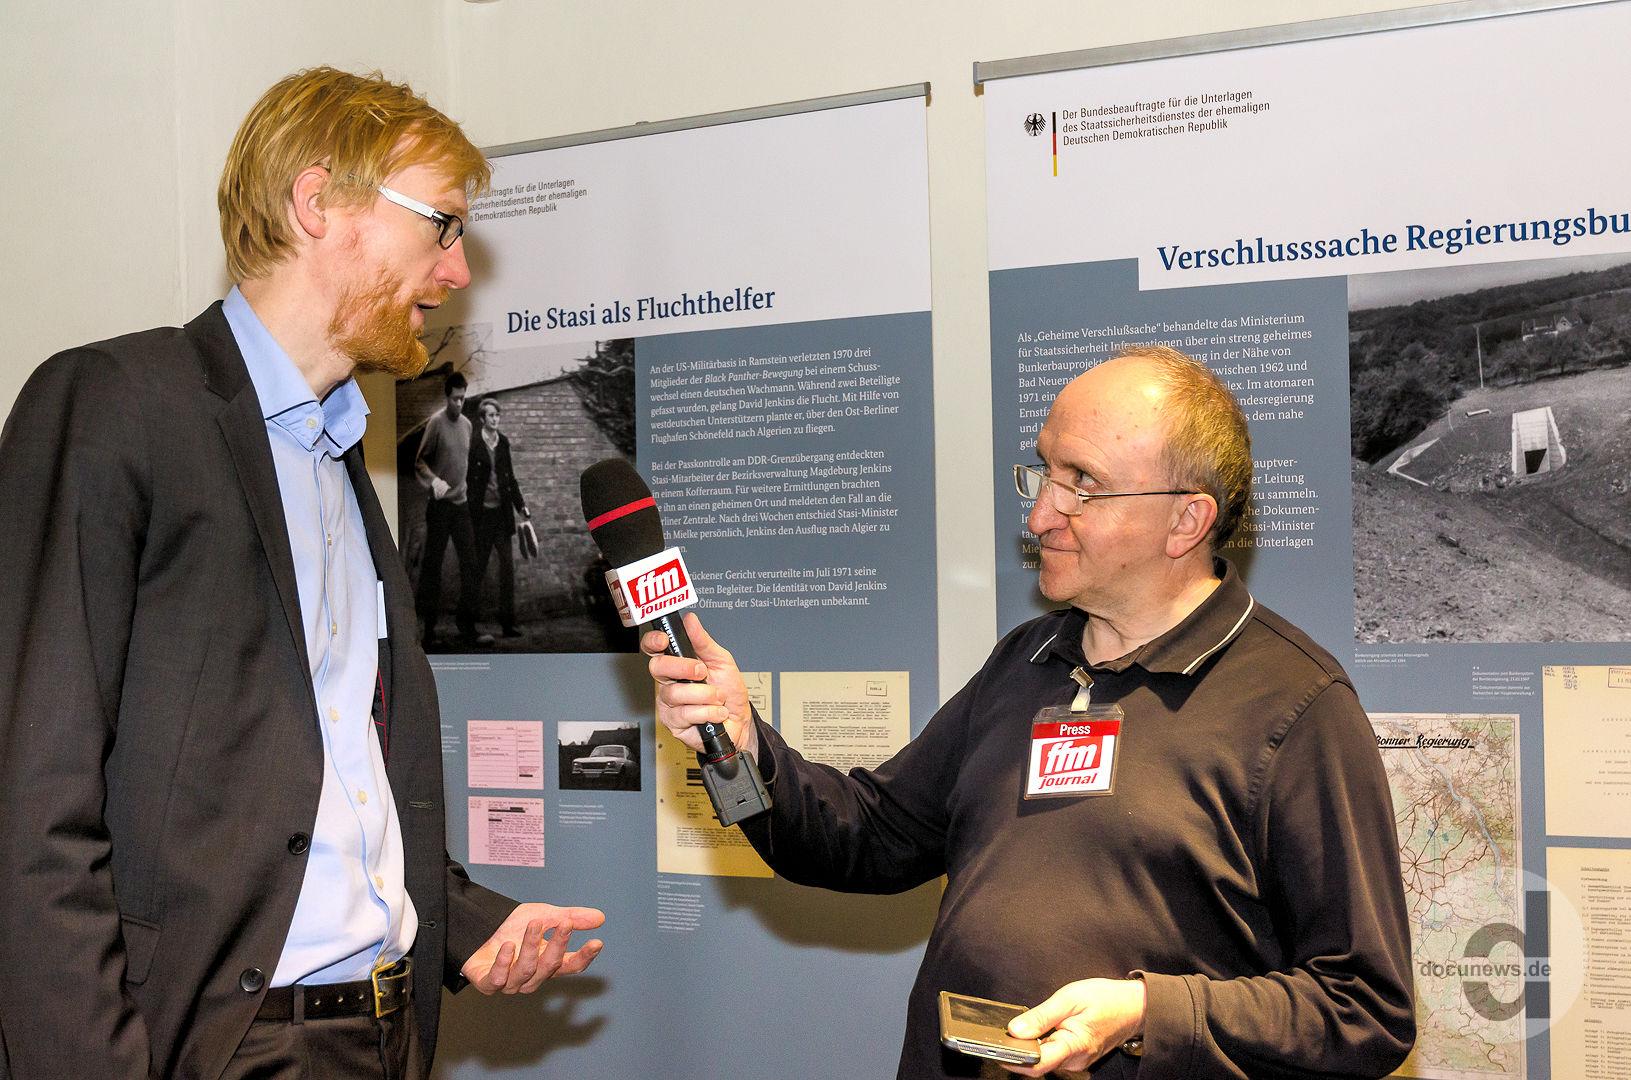 Zeithistoriker Dr. Henrik Bispinck im Interview in Mainz © dokfoto.de/Friedhelm Herr